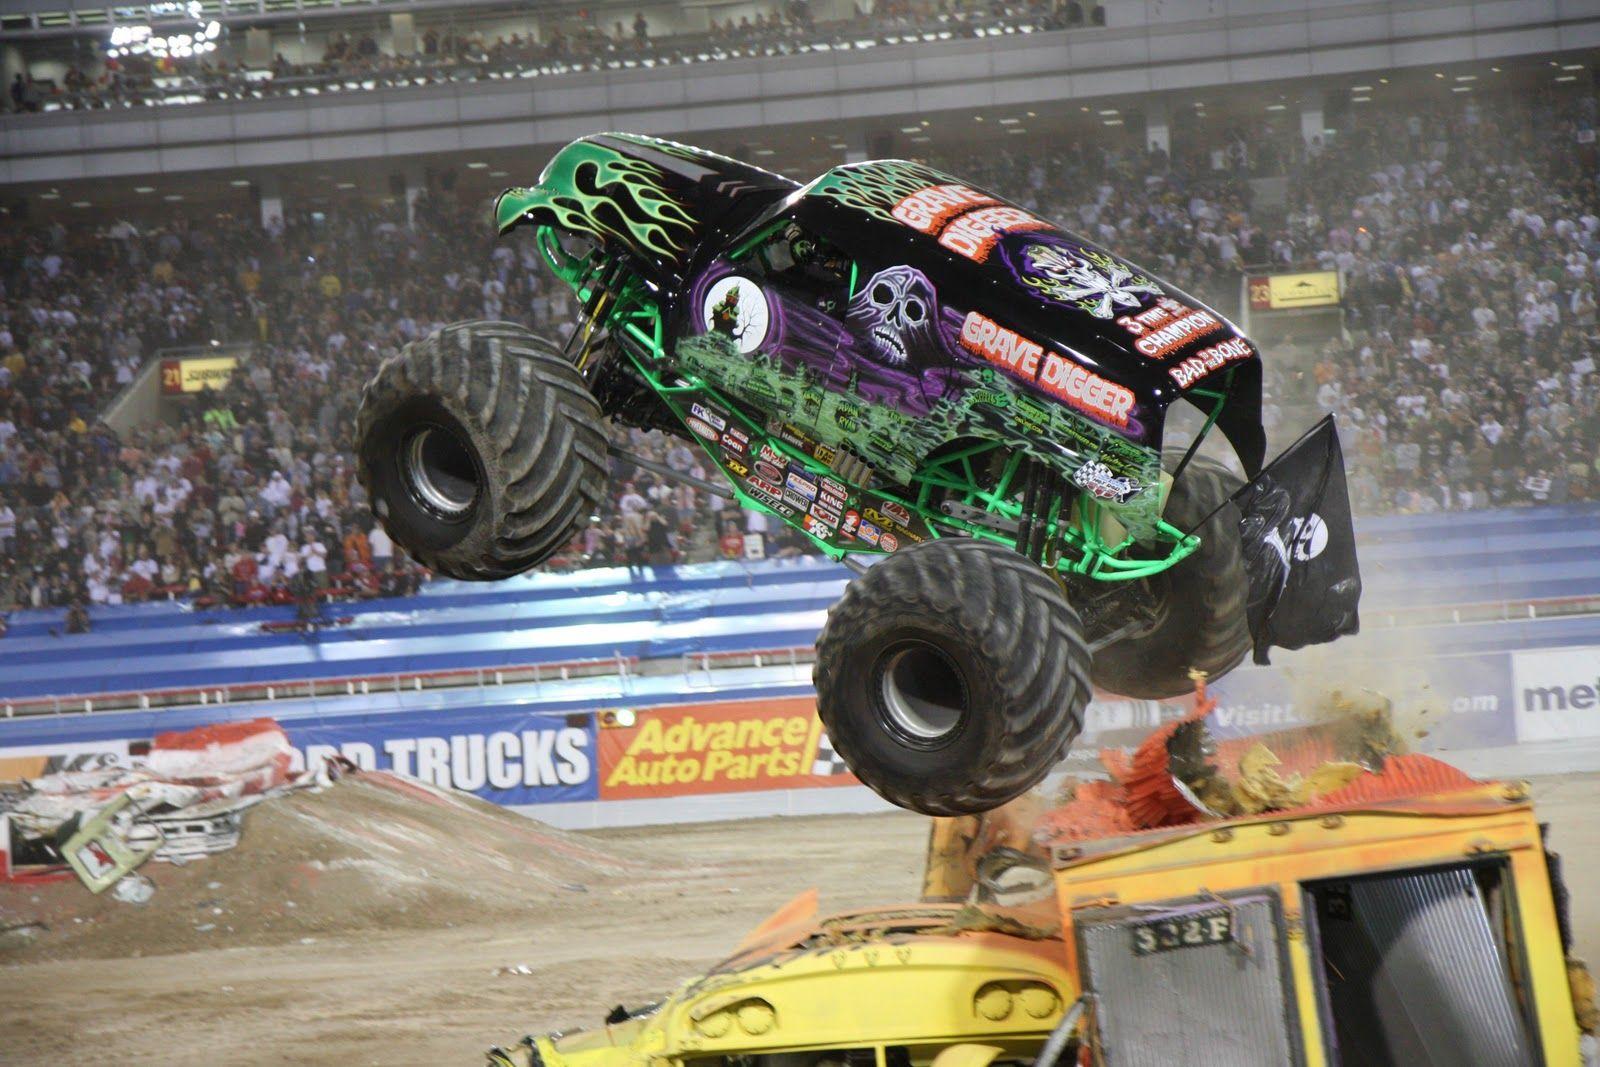 Truck Shows Near Me >> Monster Truck Show Bmo Harris Rockford Illinois Monster